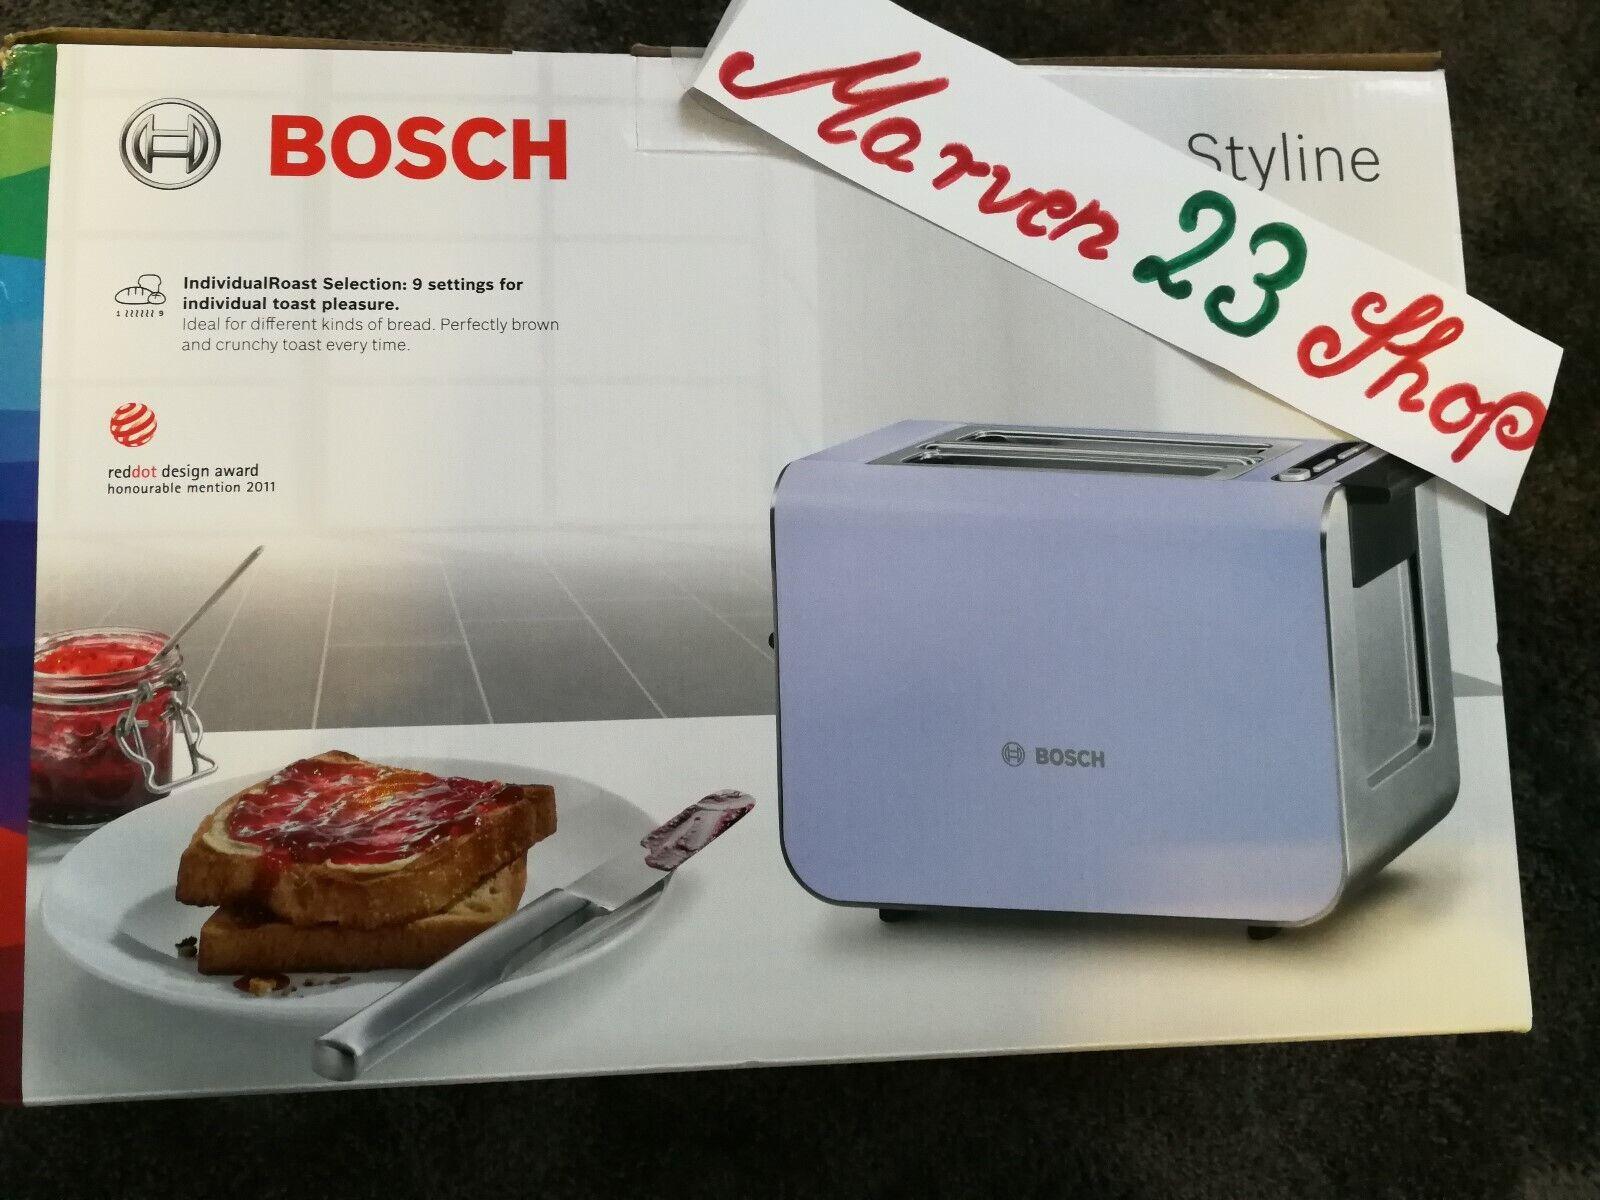 BOSCH TAT8619 Styline Grille-pain  violet , de l'Allemagne, la livraison gratuite dans le monde entier